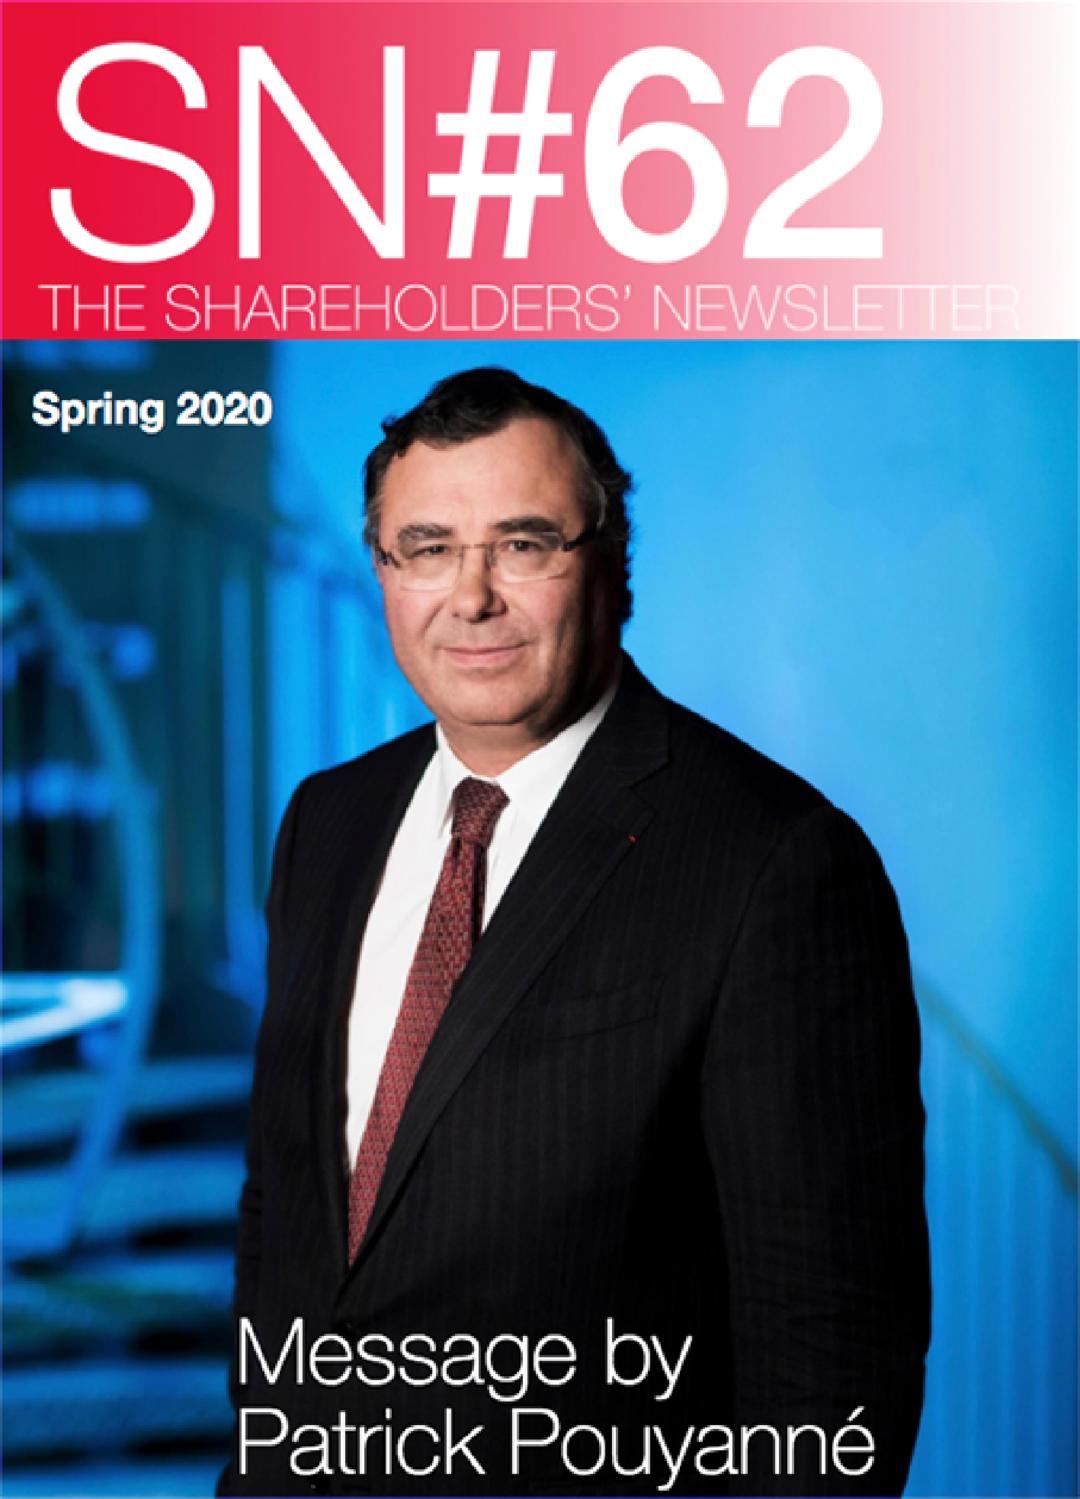 """Cover - """"The Shareholders' Newsletter #62 - Spring 2020"""""""